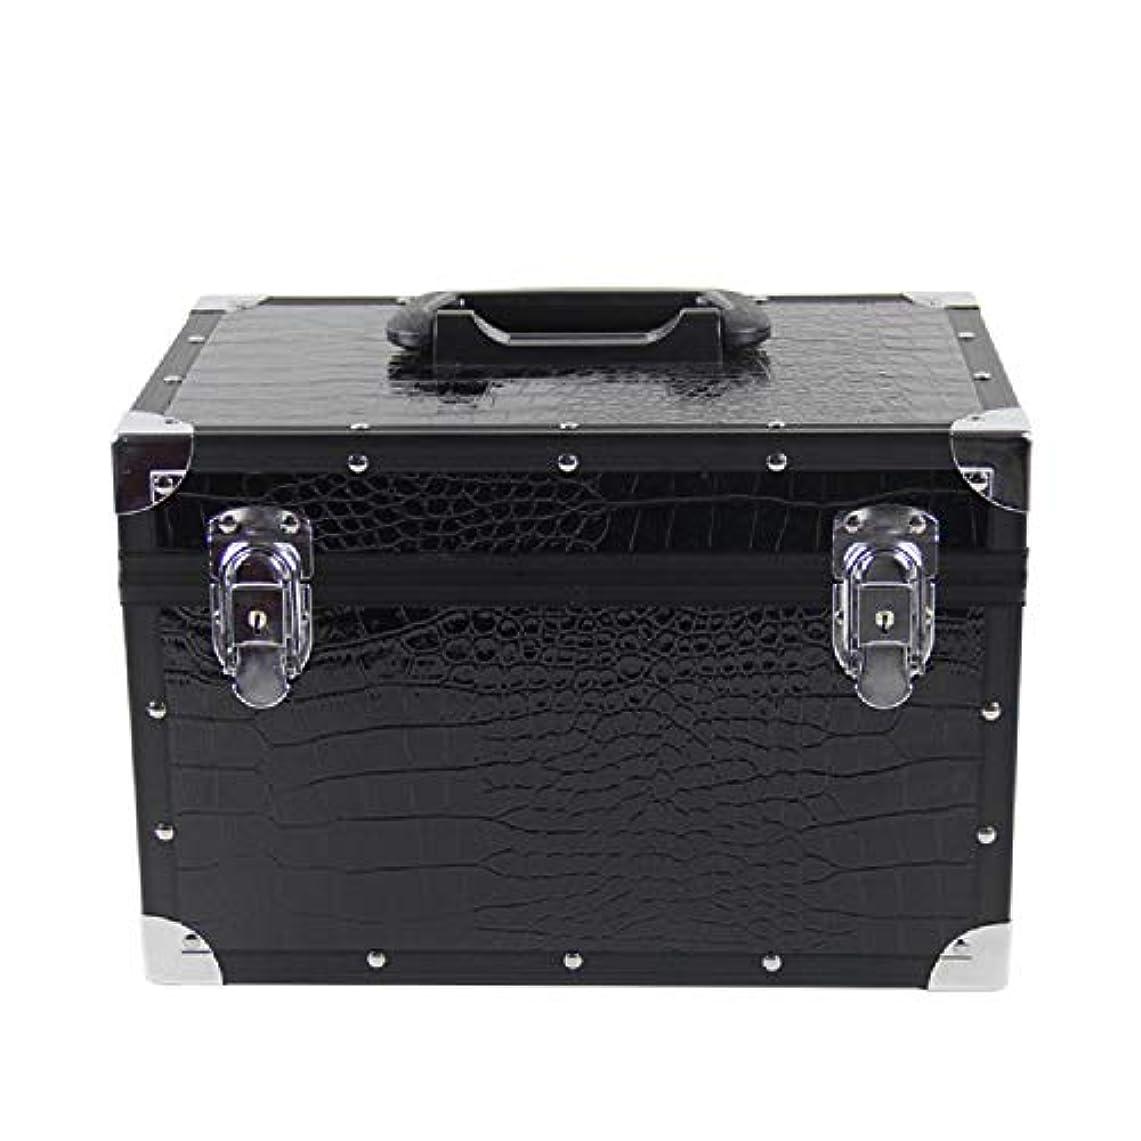 ゆるい音声天化粧オーガナイザーバッグ シャイニーブラックポータブル化粧ケース(トラベルアクセサリー用)シャンプーボディウォッシュパーソナルアイテム収納式 化粧品ケース